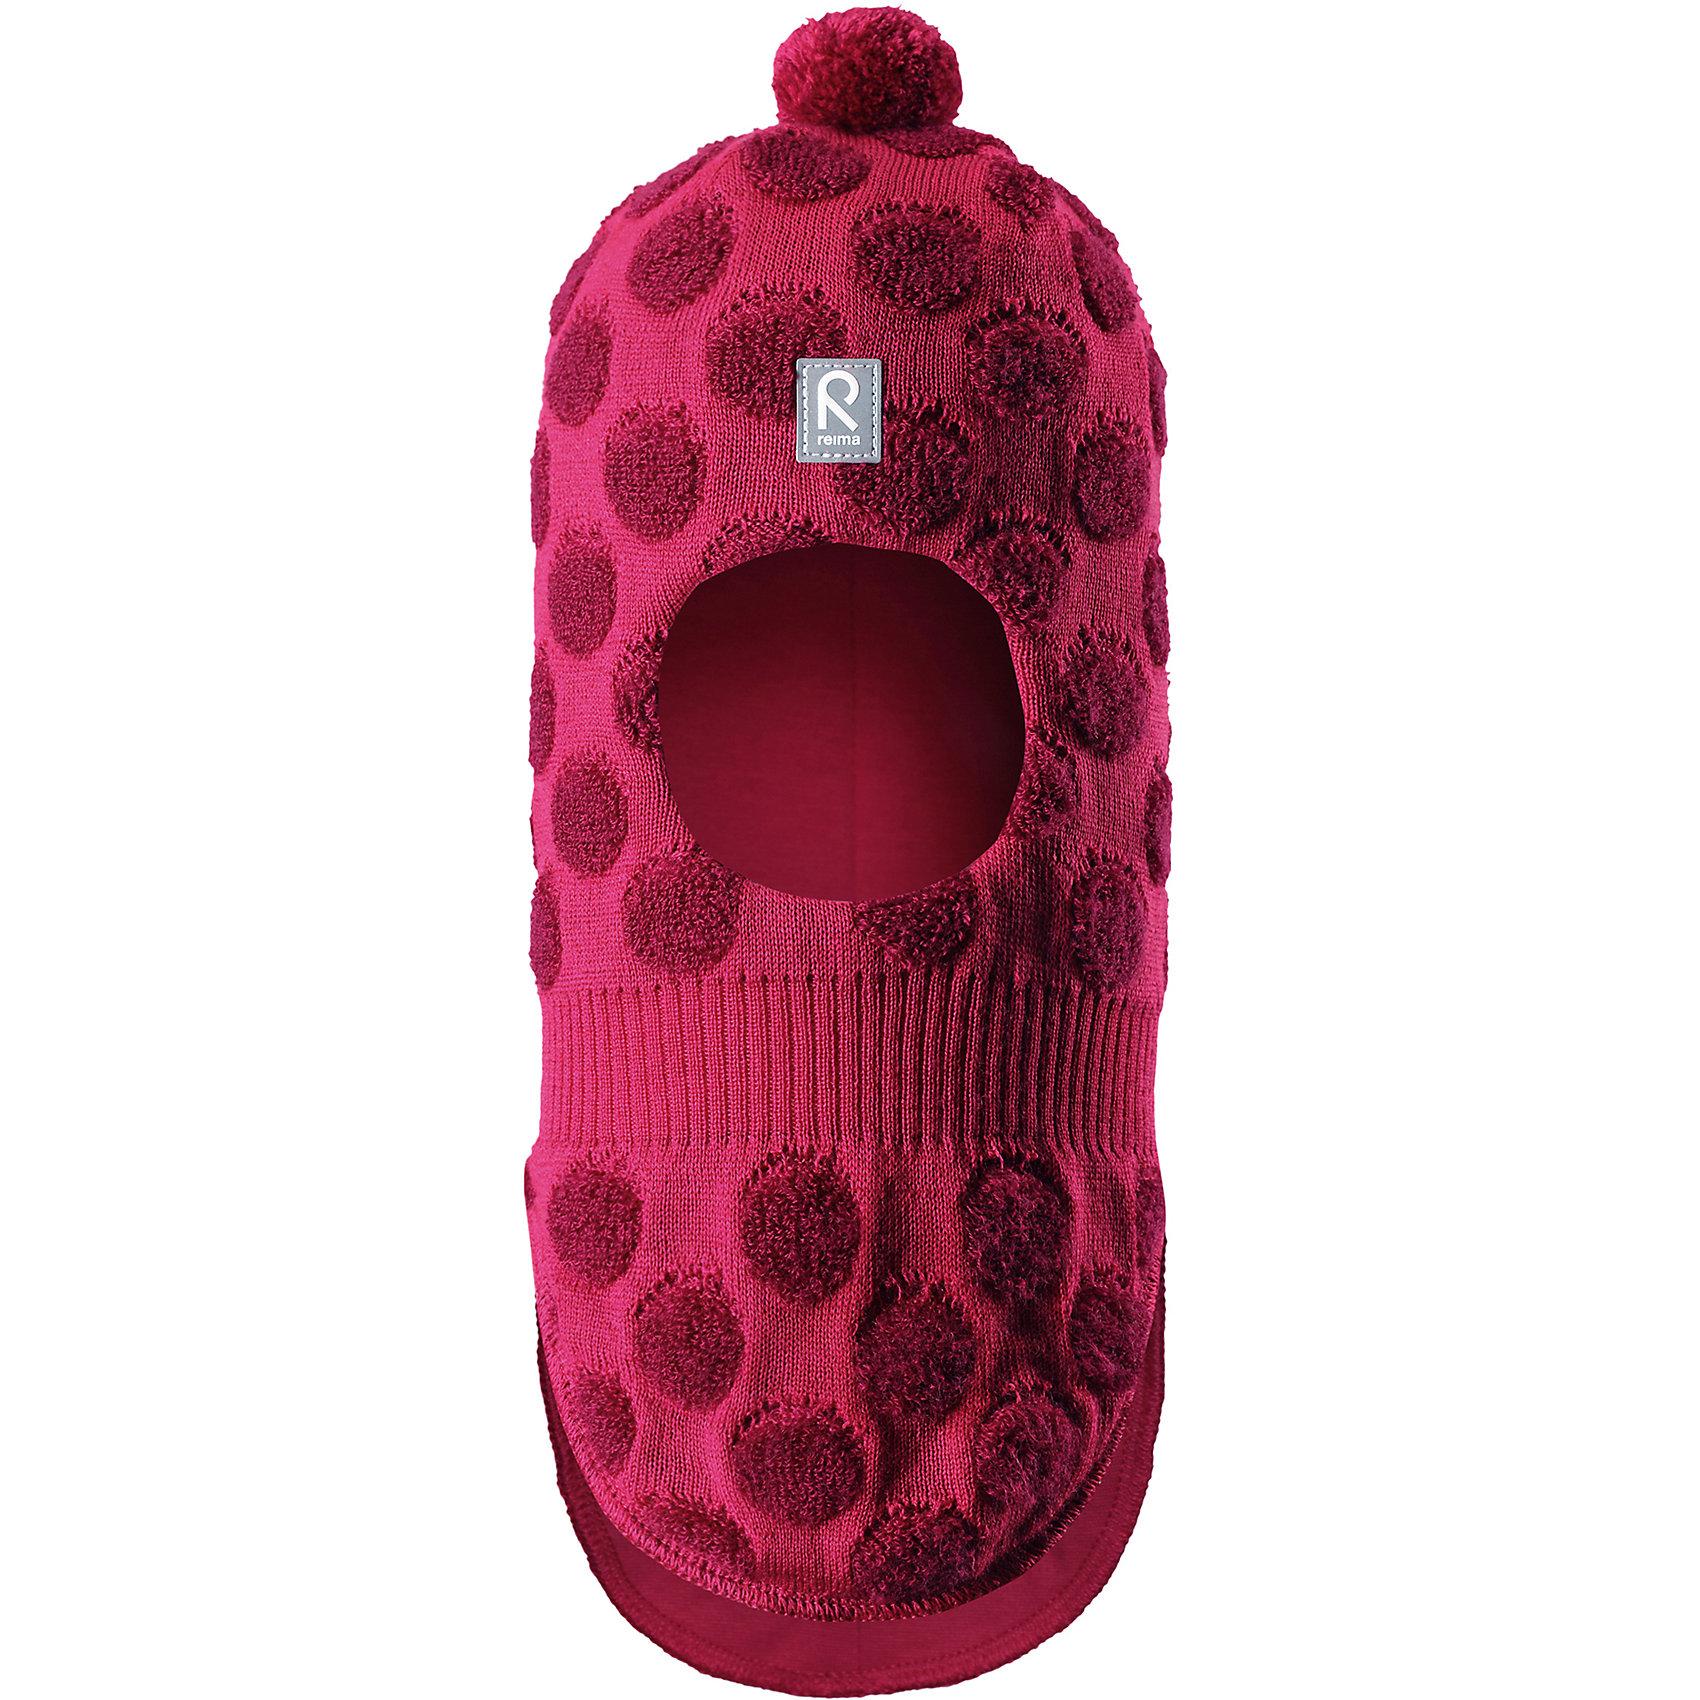 Шапка Salla ReimaГоловные уборы<br>Веселая шерстяная шапка-шлем для малышей с хлопковой подкладкой согреет в холода, а ветронепроницаемые вставки защитят ушки от ветра. Маленький помпон и симпатичный рисунок в шарики отлично подойдет маленьким любителям прогулок на свежем воздухе!<br>Состав:<br>50% Шерсть, 50% Полиакрил<br><br>Ширина мм: 89<br>Глубина мм: 117<br>Высота мм: 44<br>Вес г: 155<br>Цвет: розовый<br>Возраст от месяцев: 60<br>Возраст до месяцев: 72<br>Пол: Унисекс<br>Возраст: Детский<br>Размер: 52,46,48,50<br>SKU: 6907166